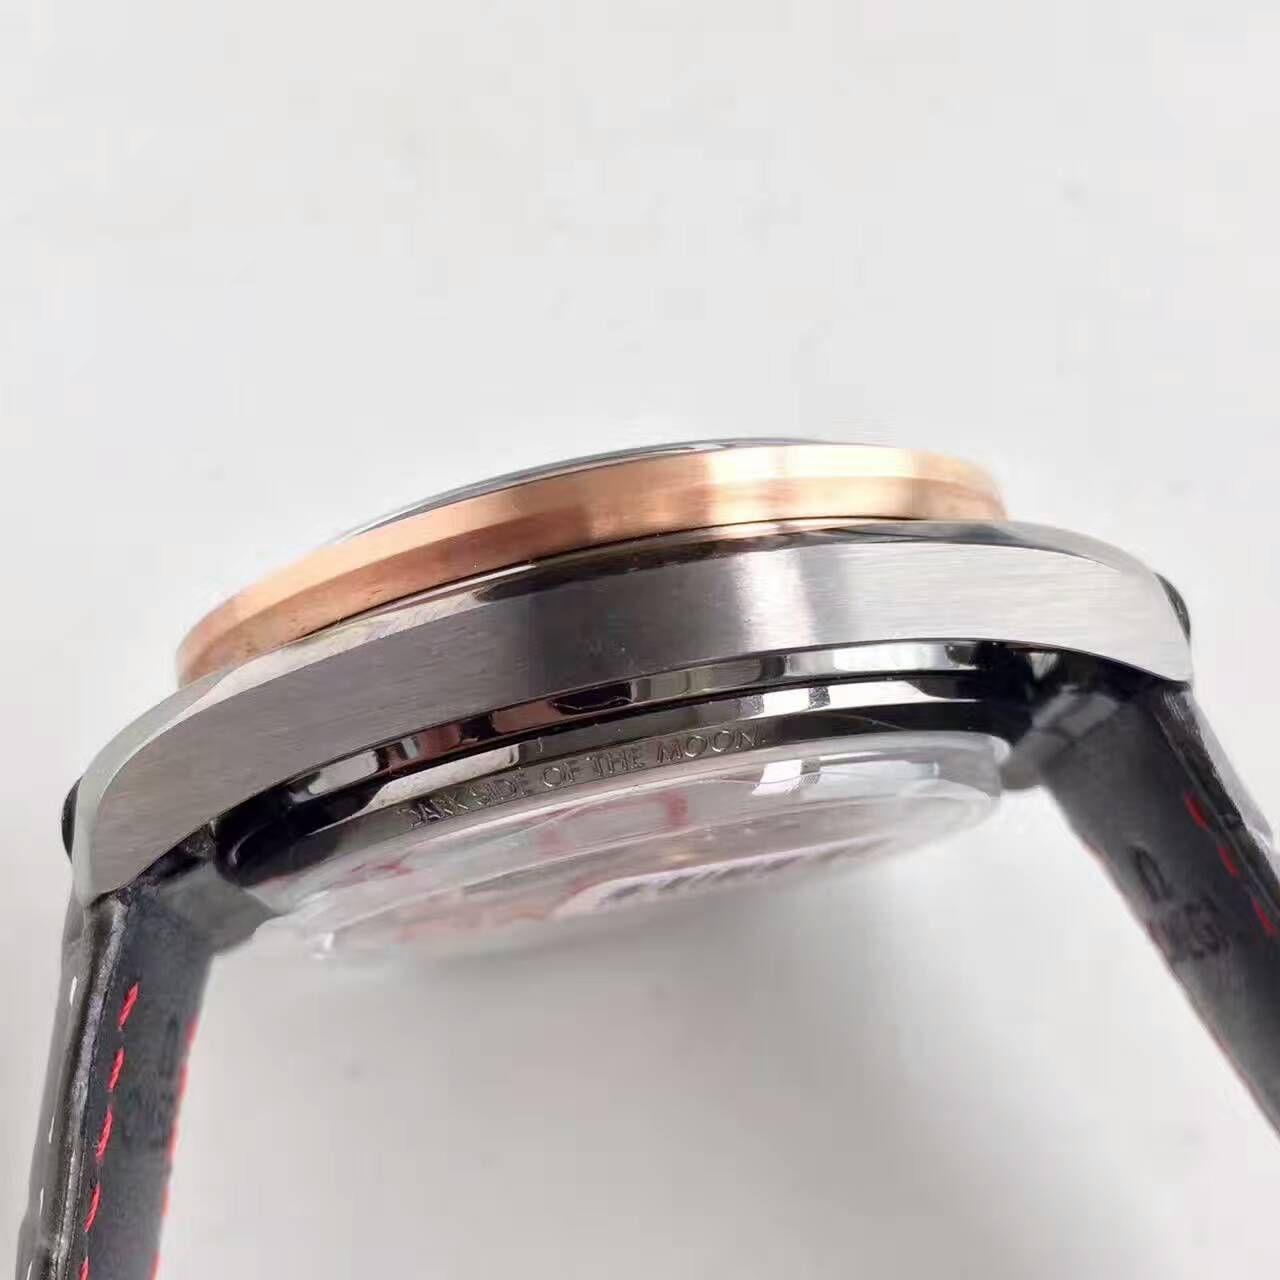 【JH厂一比一超A精仿手表】欧米茄超霸系列311.63.44.51.99.001腕表 / M298